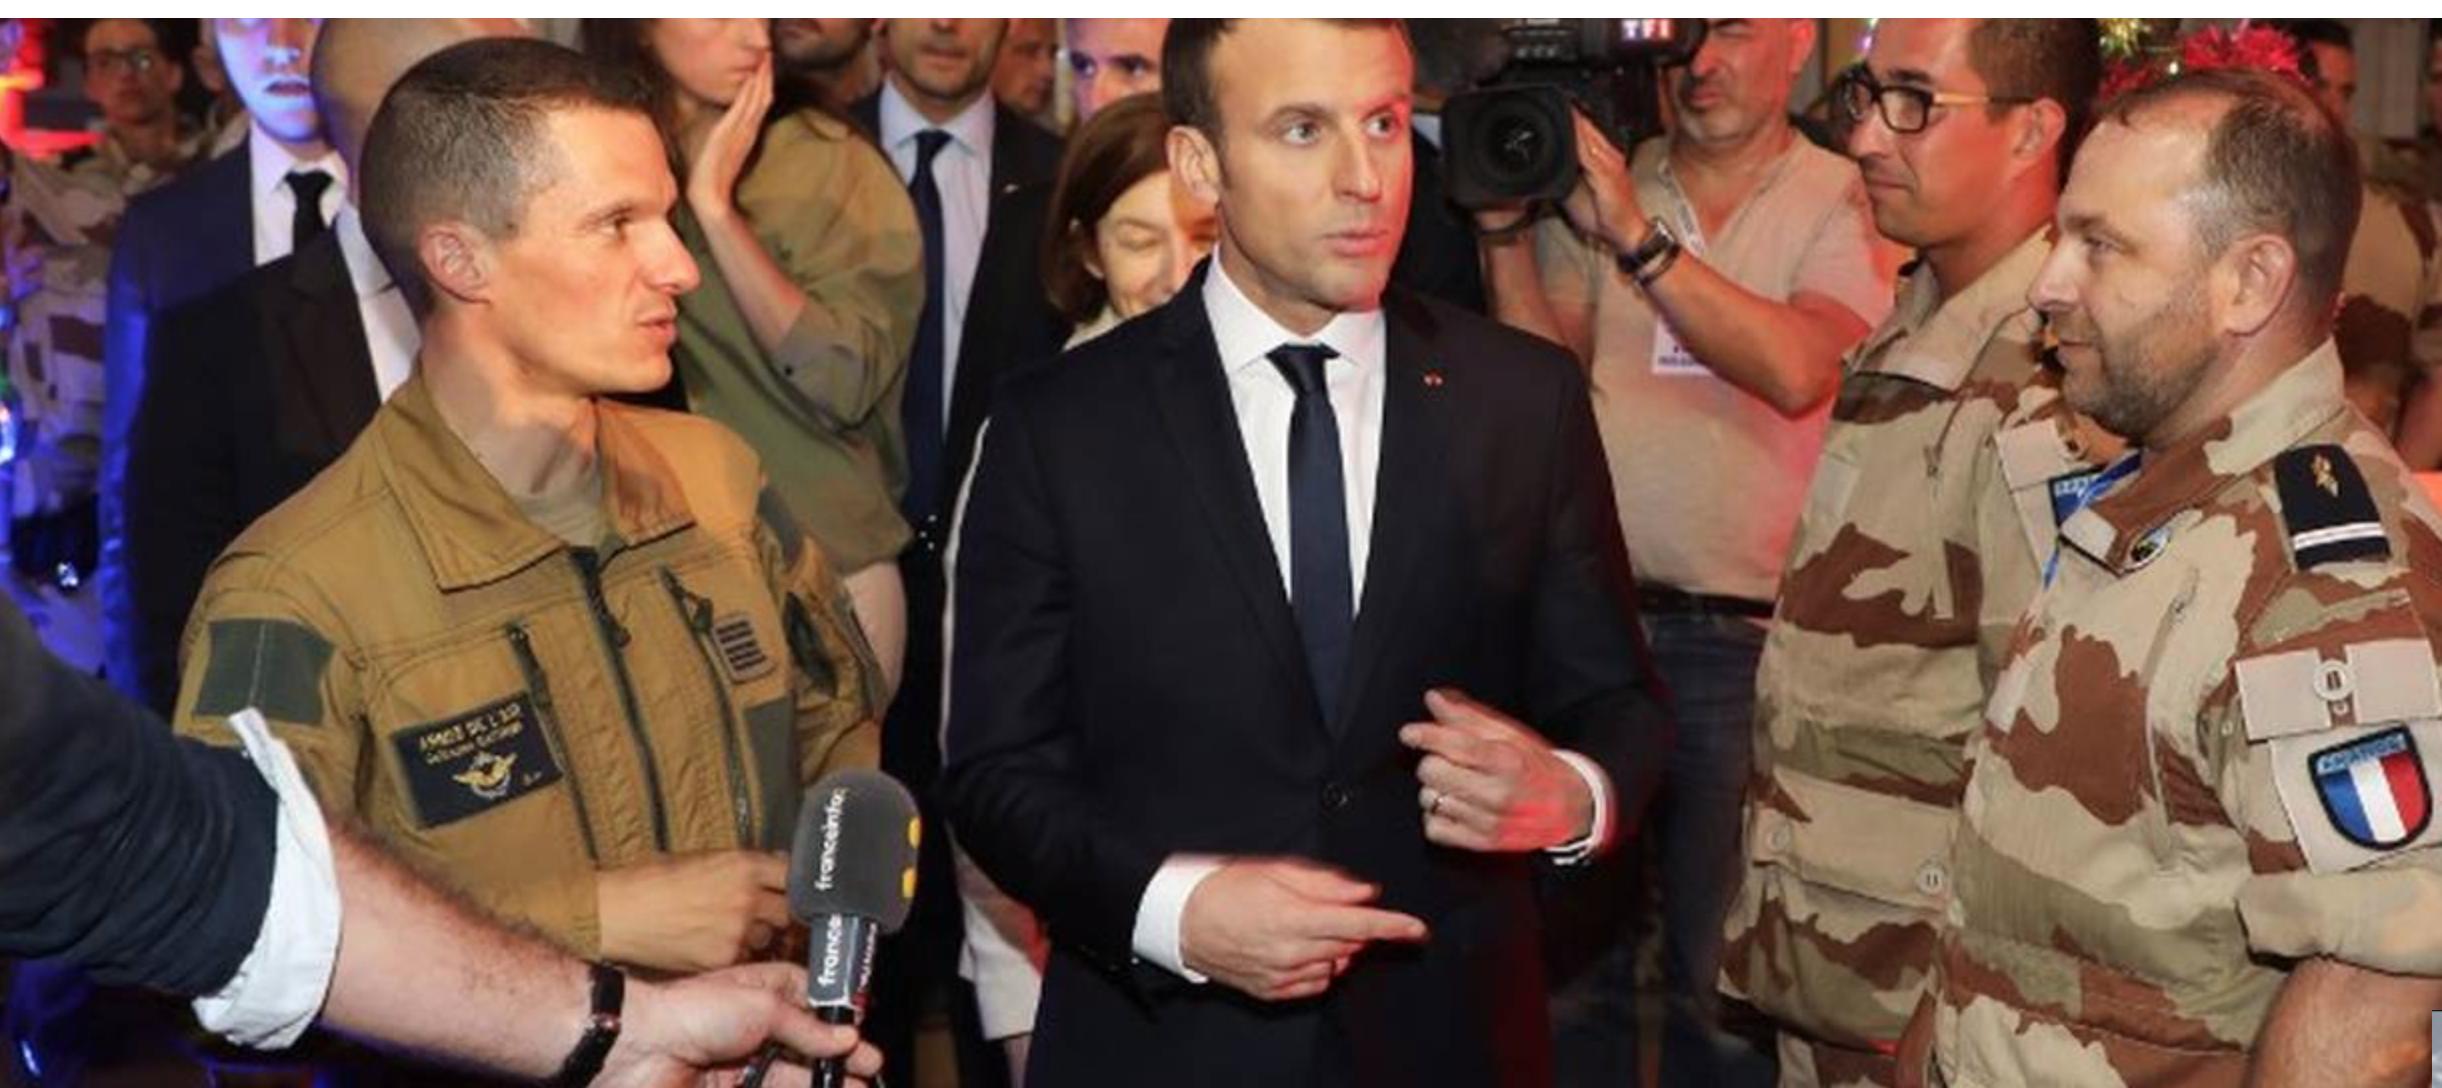 Quelle débauche de CO2, Macron, pour aller manger du foie gras au Tchad avec Drucker !